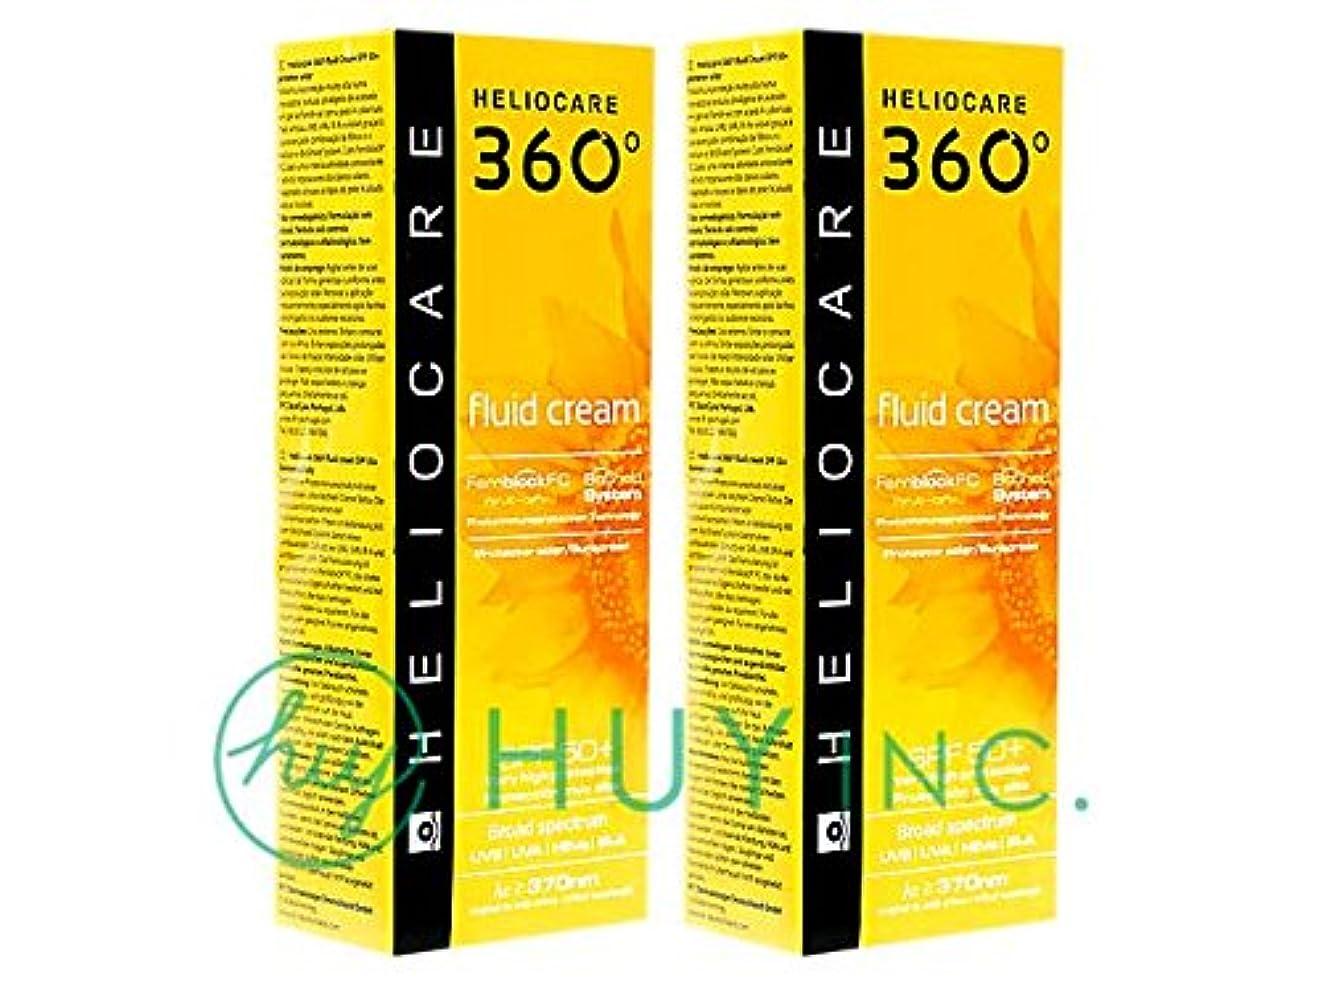 ホイールパースブラックボロウ最終ヘリオケア 360°フルイドクリーム(Heliocare360FluidCream)SPF50+ 2ボトル(50ml×2) [並行輸入品]